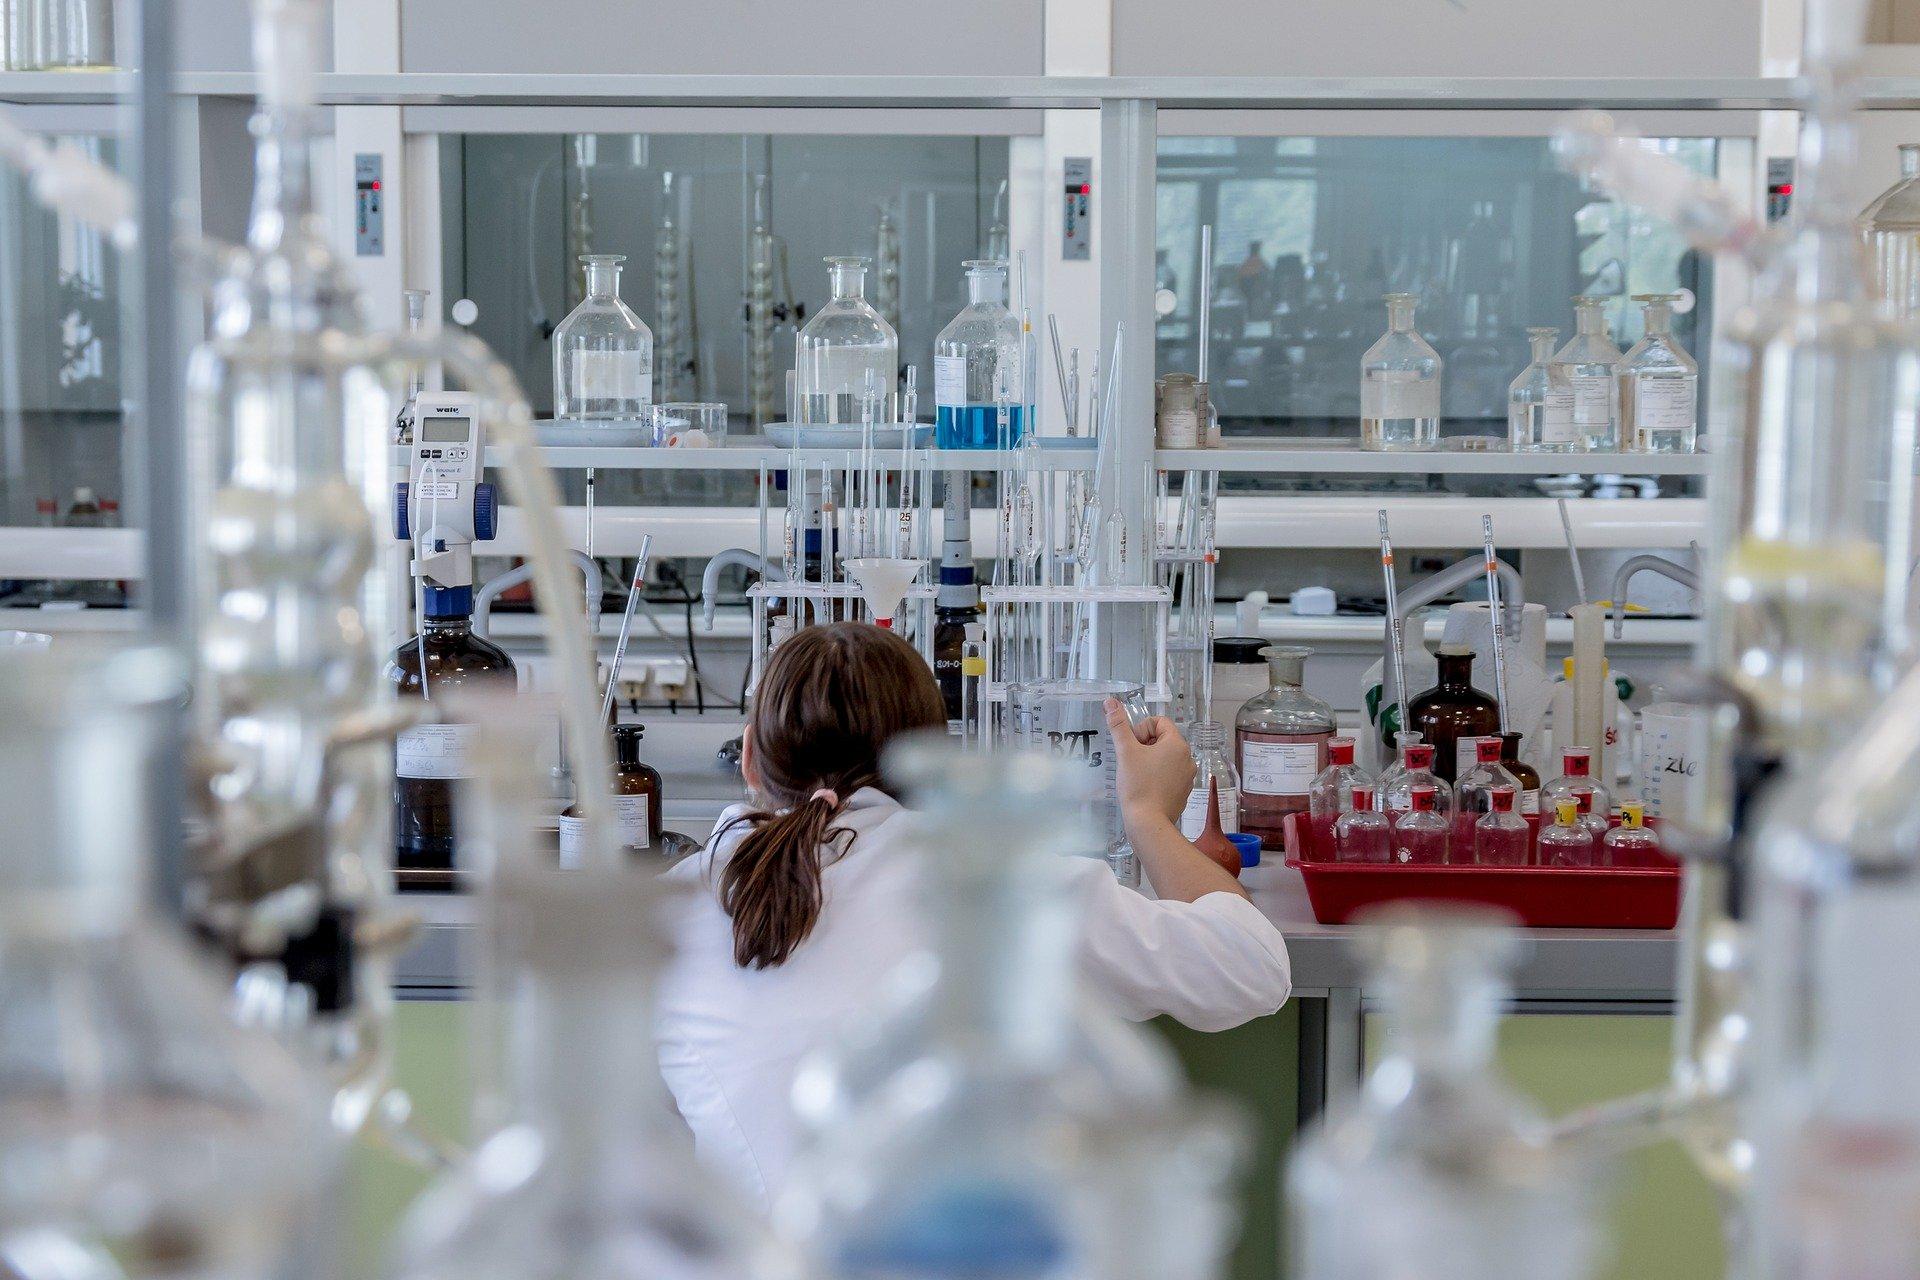 Οι Ελληνες ερευνητές κρατούν τον πήχη ψηλά εντός και εκτός συνόρων